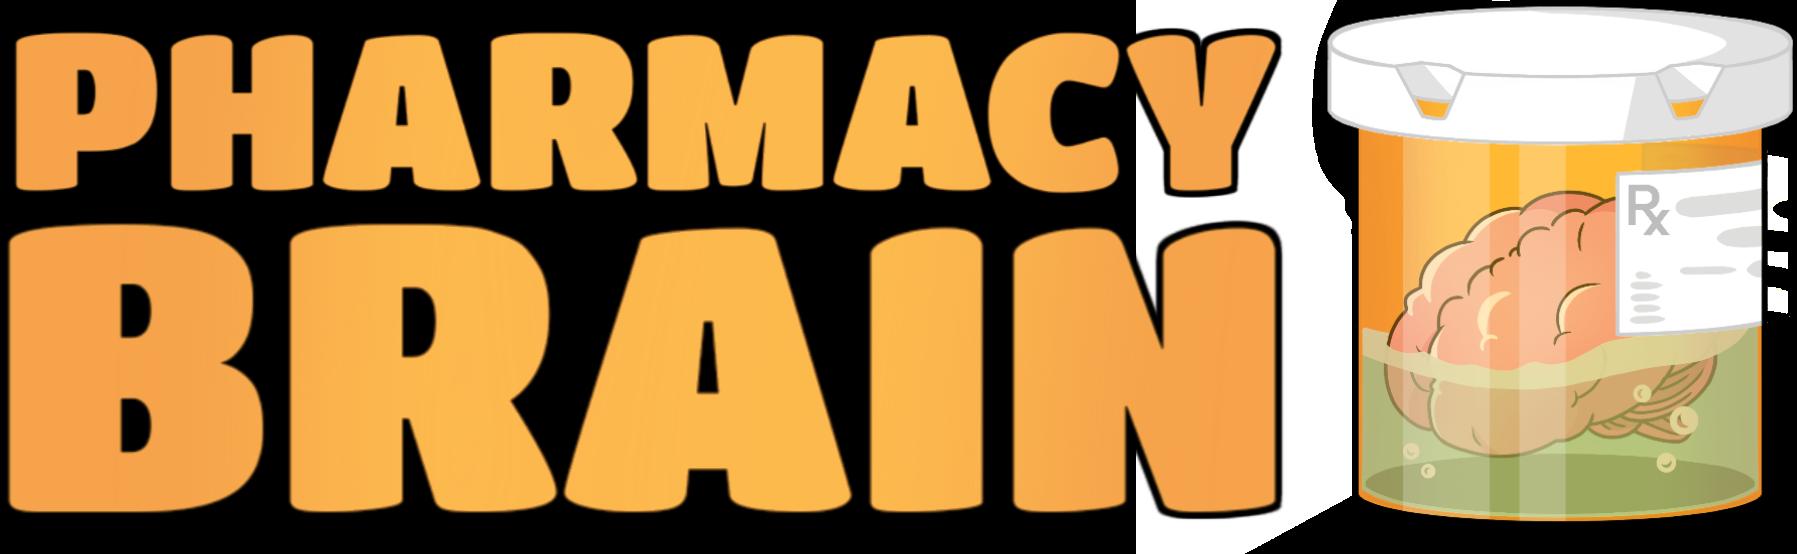 Pharmacy Brain banner